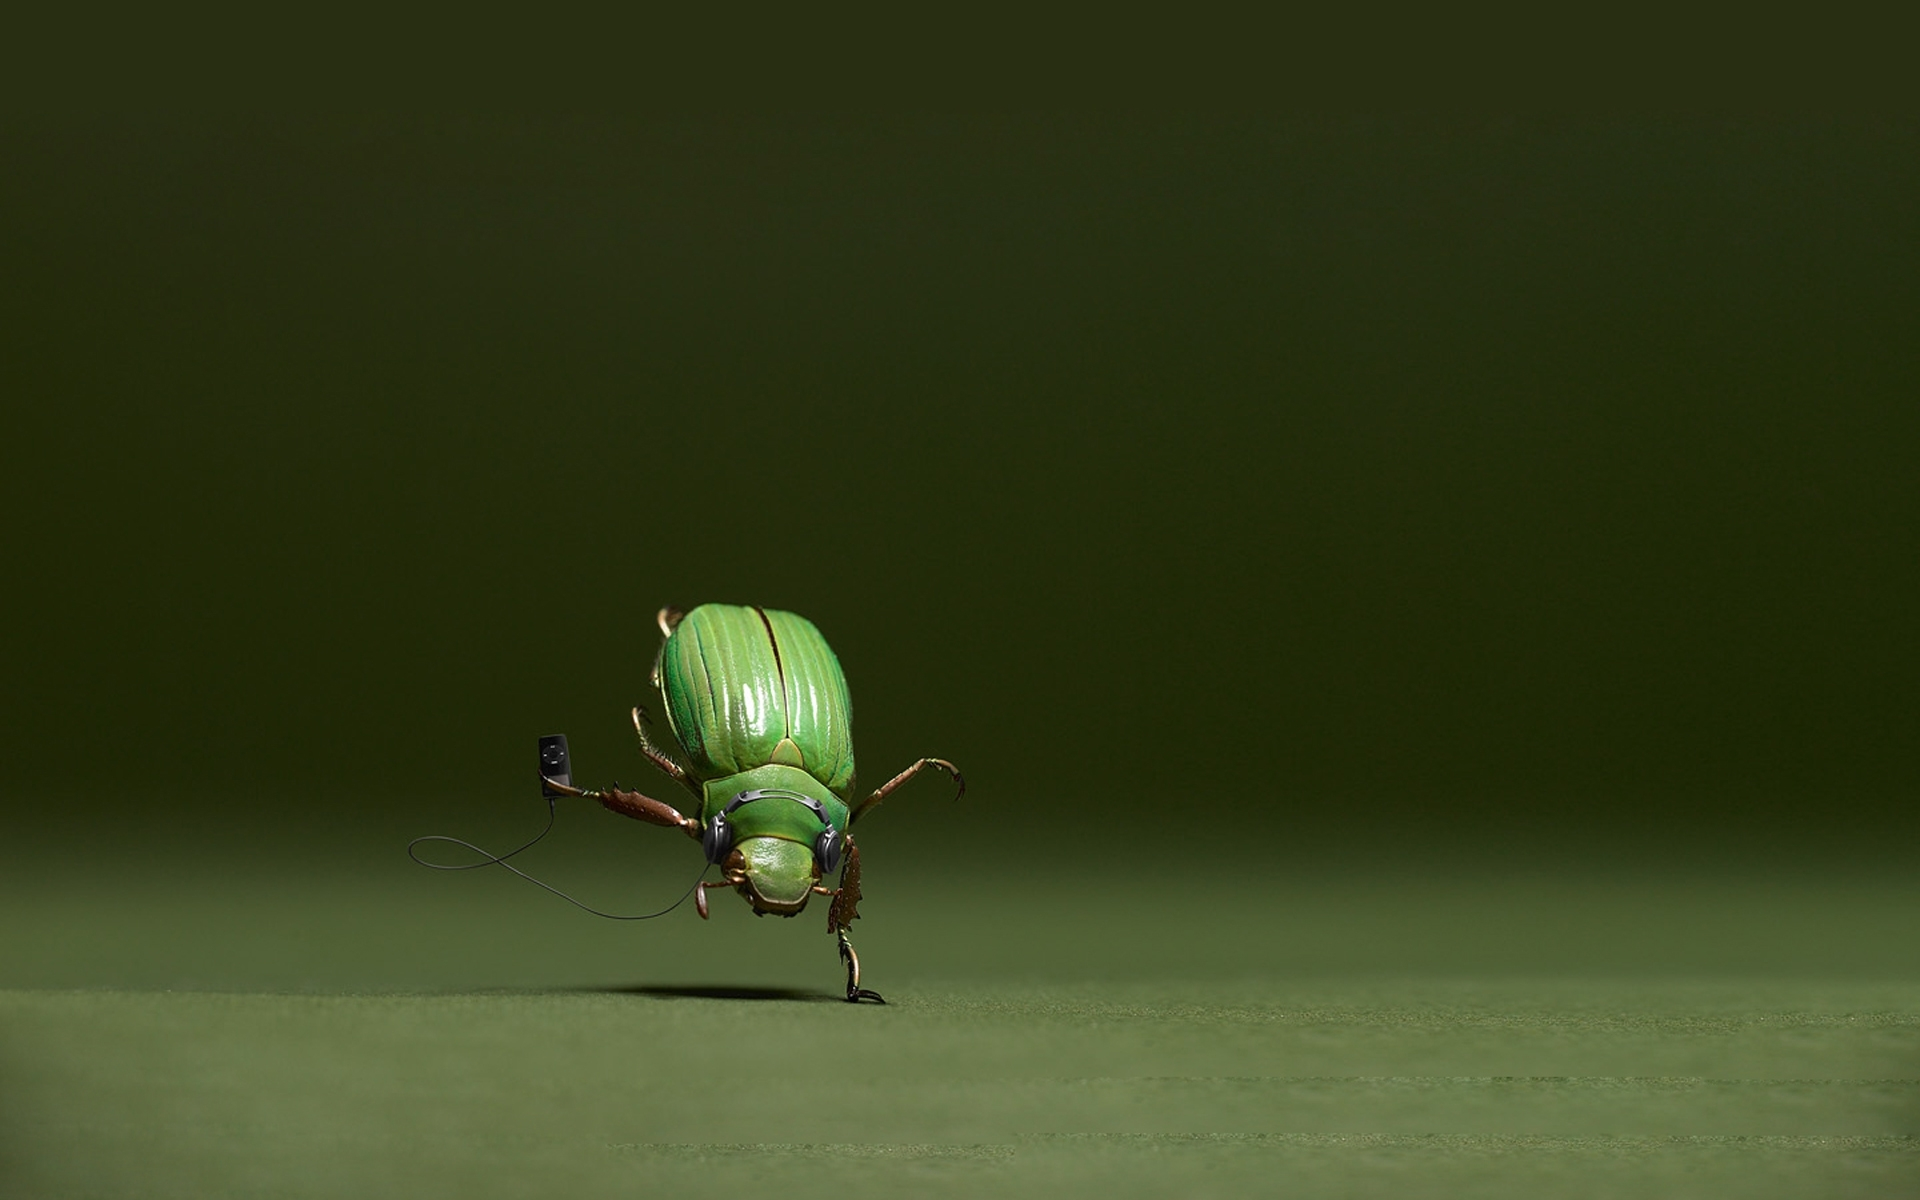 30871 Salvapantallas y fondos de pantalla Insectos en tu teléfono. Descarga imágenes de Divertido, Música, Insectos gratis